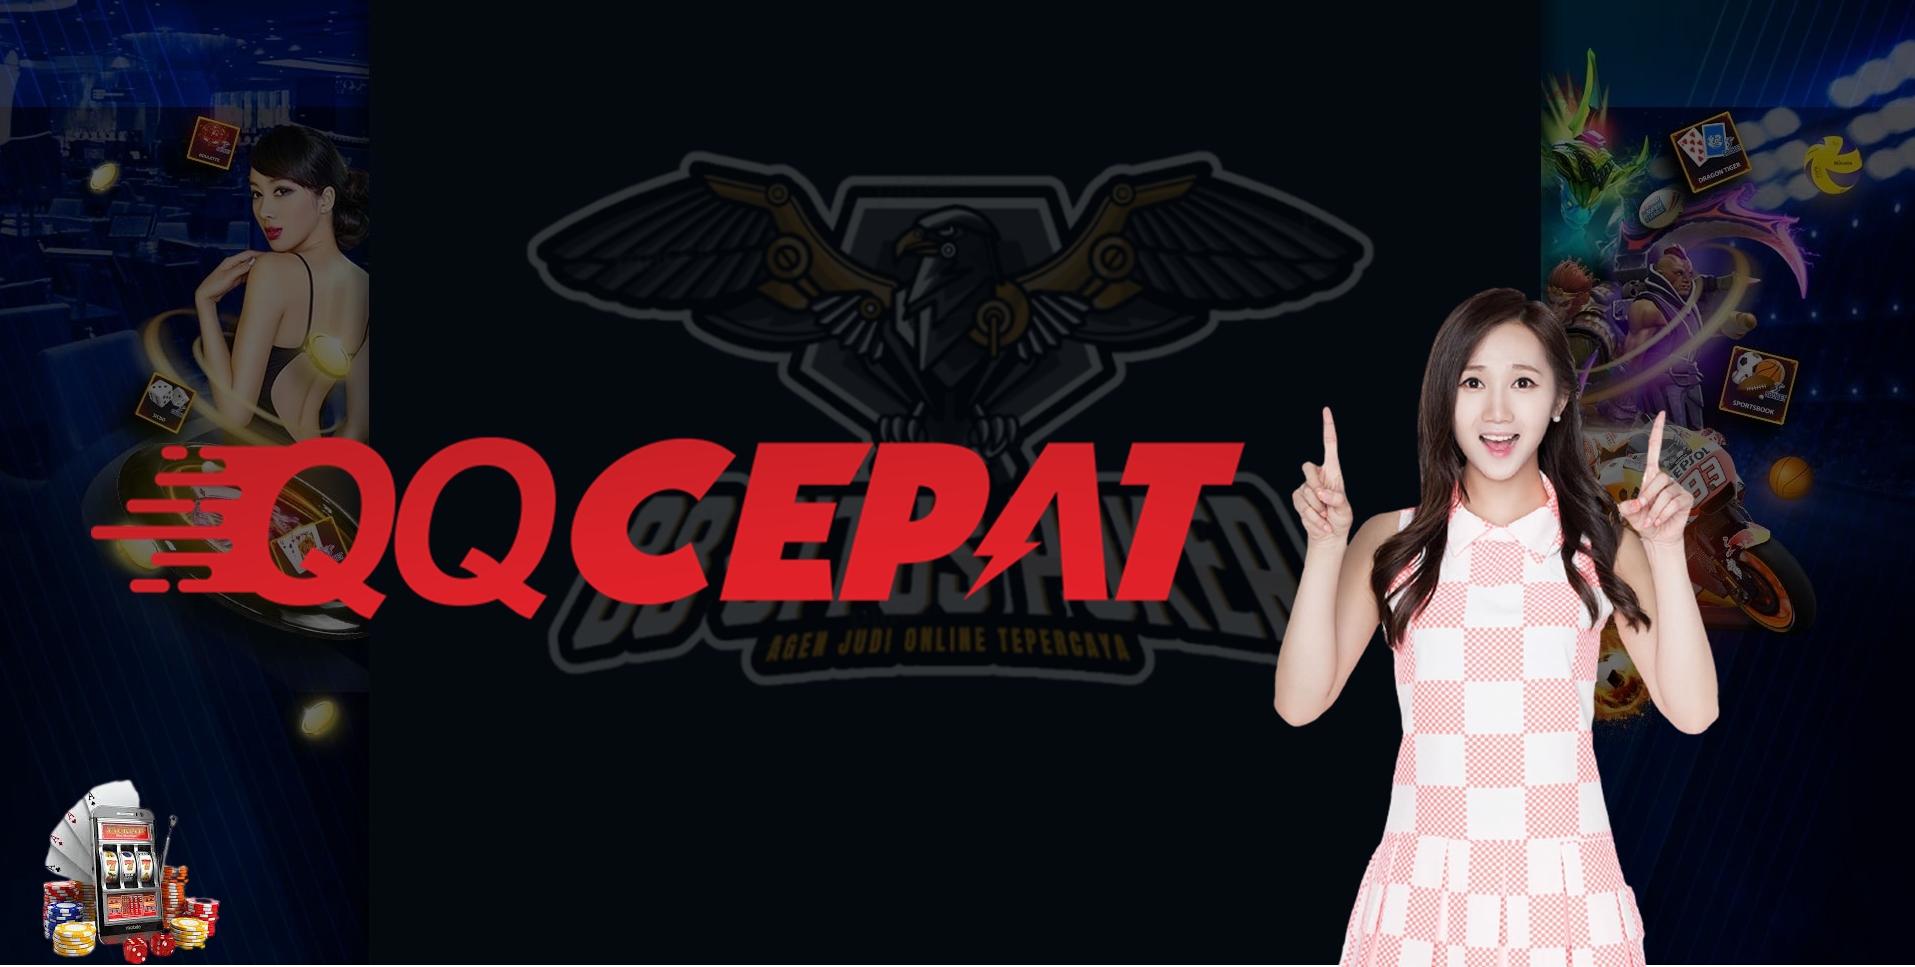 QQcepat merupakan Situs Judi Slot Online Terbaik di Indonesia